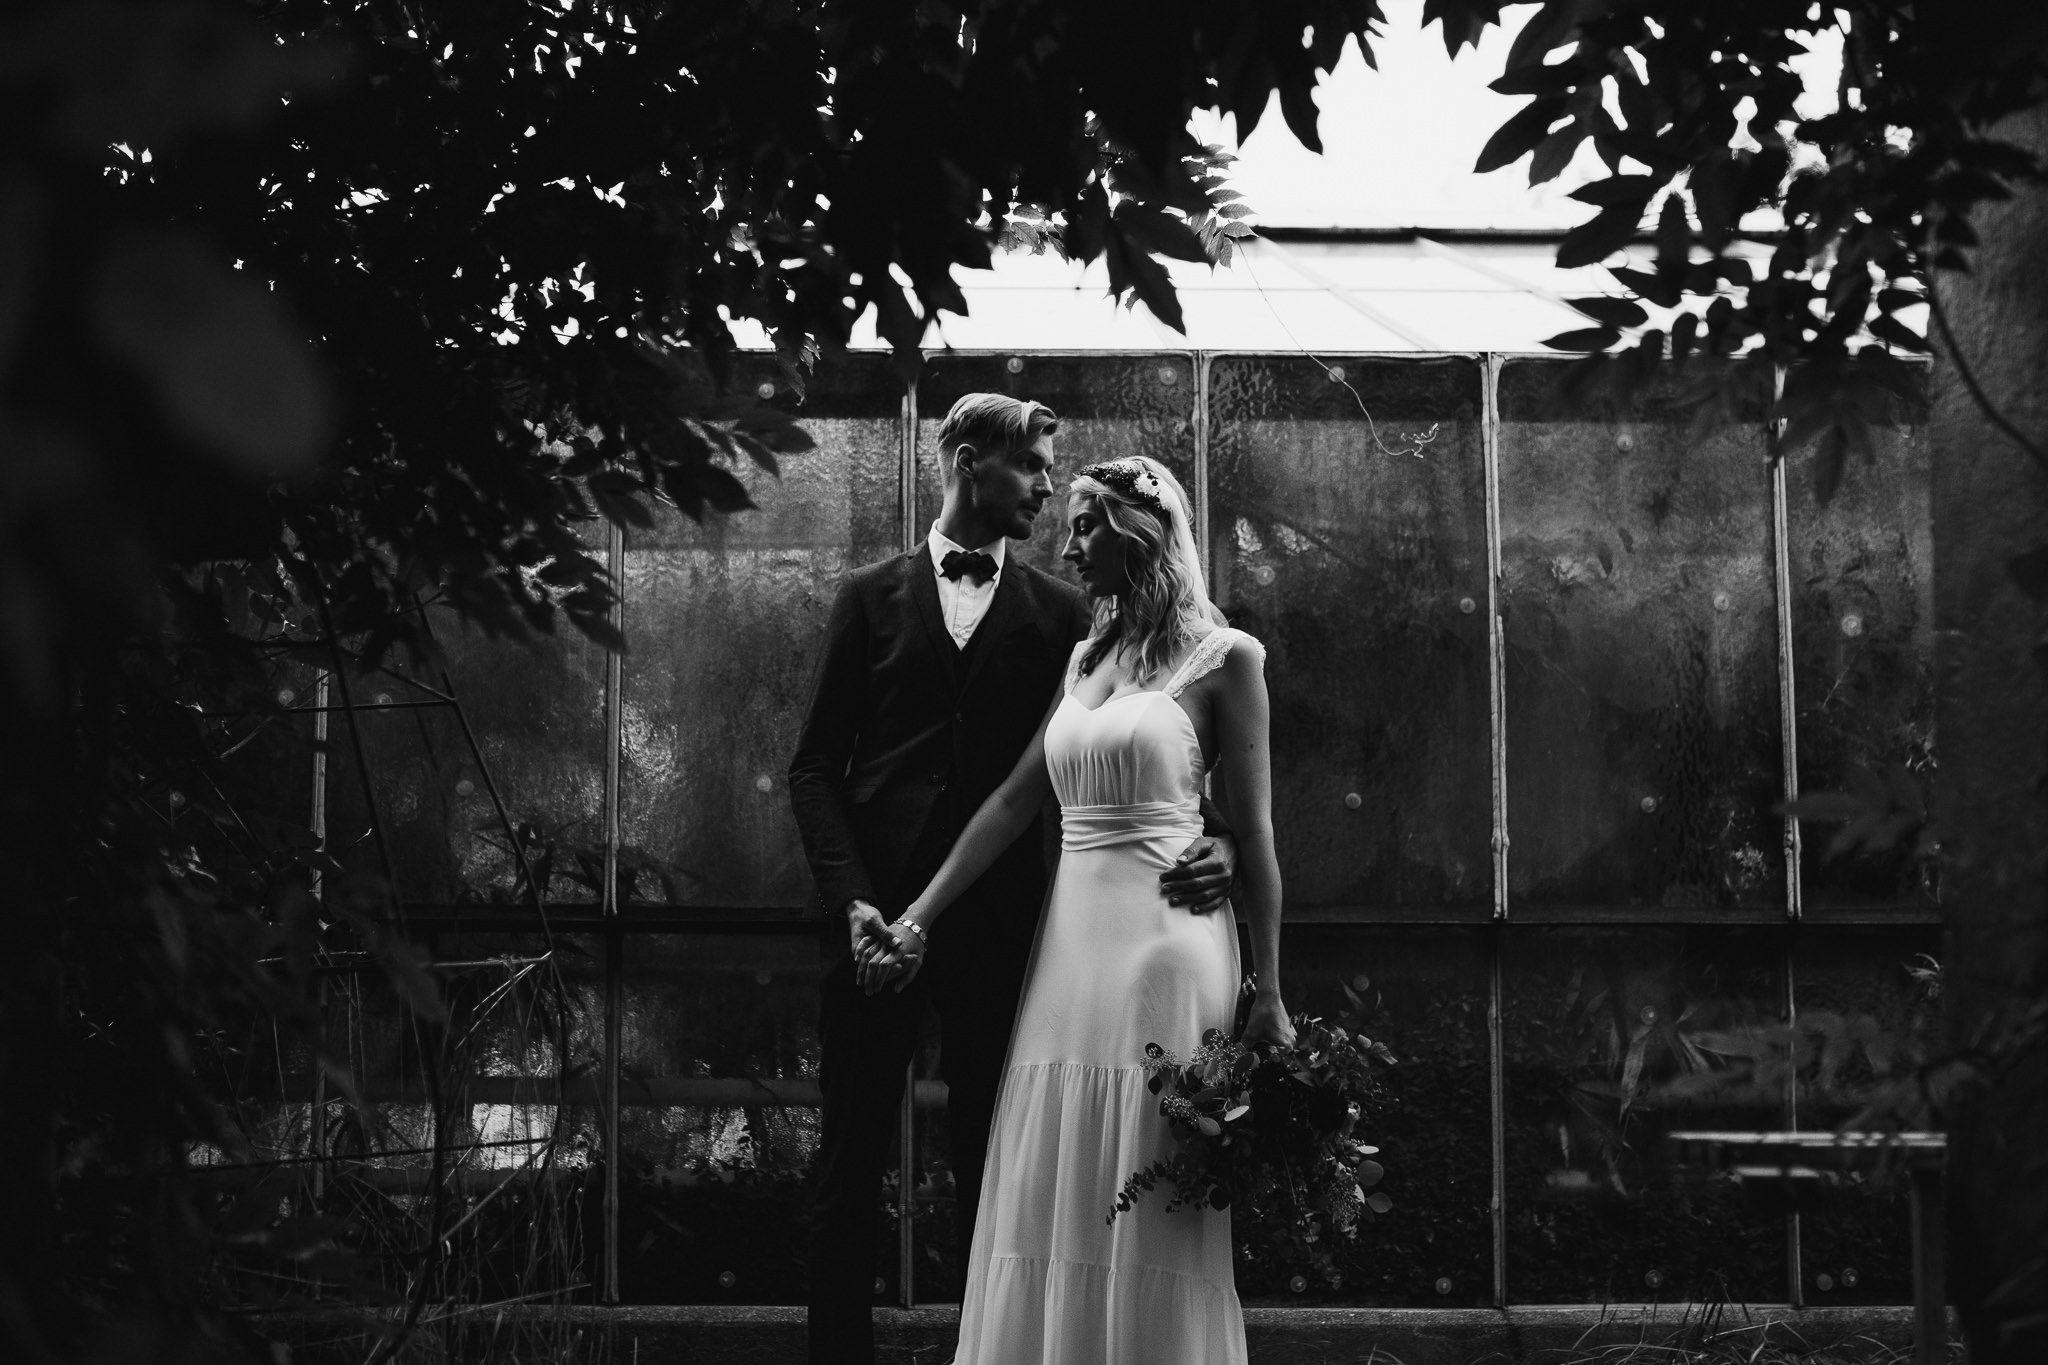 Hochzeit Paarshooting Black White